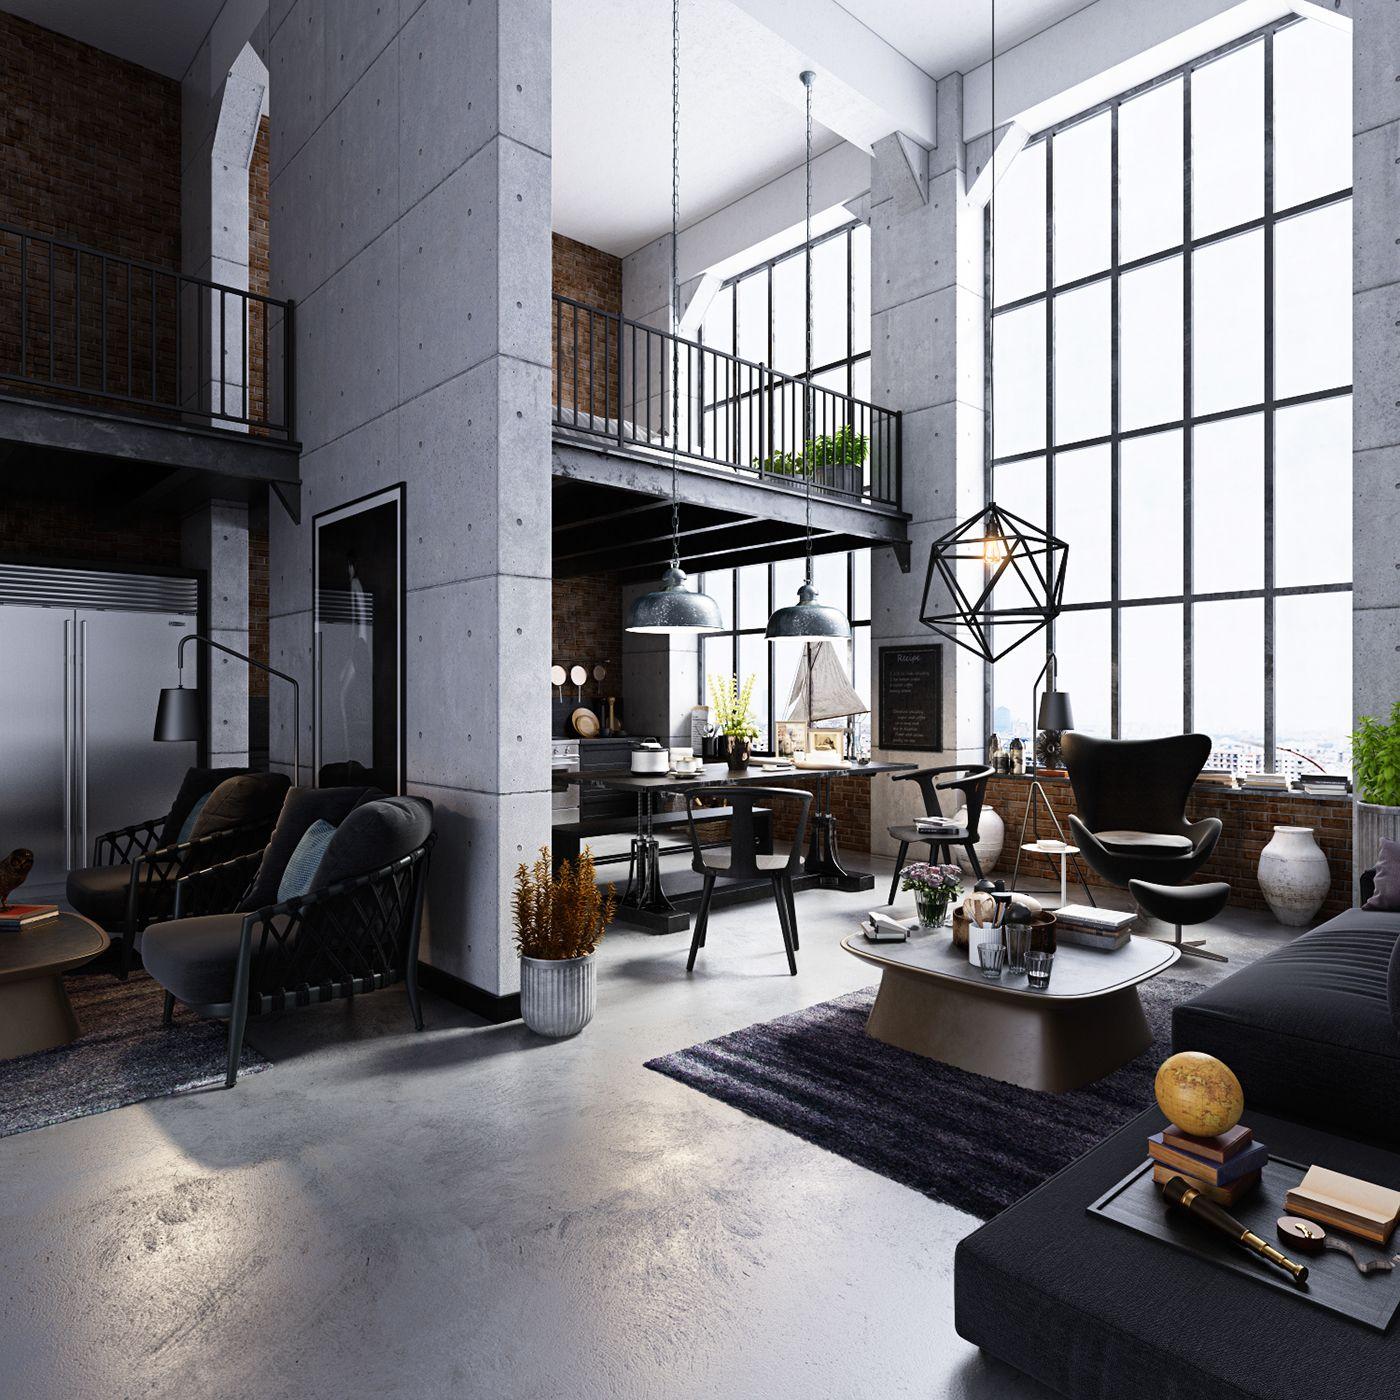 Studio loft apartment on behance en 2018 pinterest maison appartement design - Loft design industriel cloud studio ...